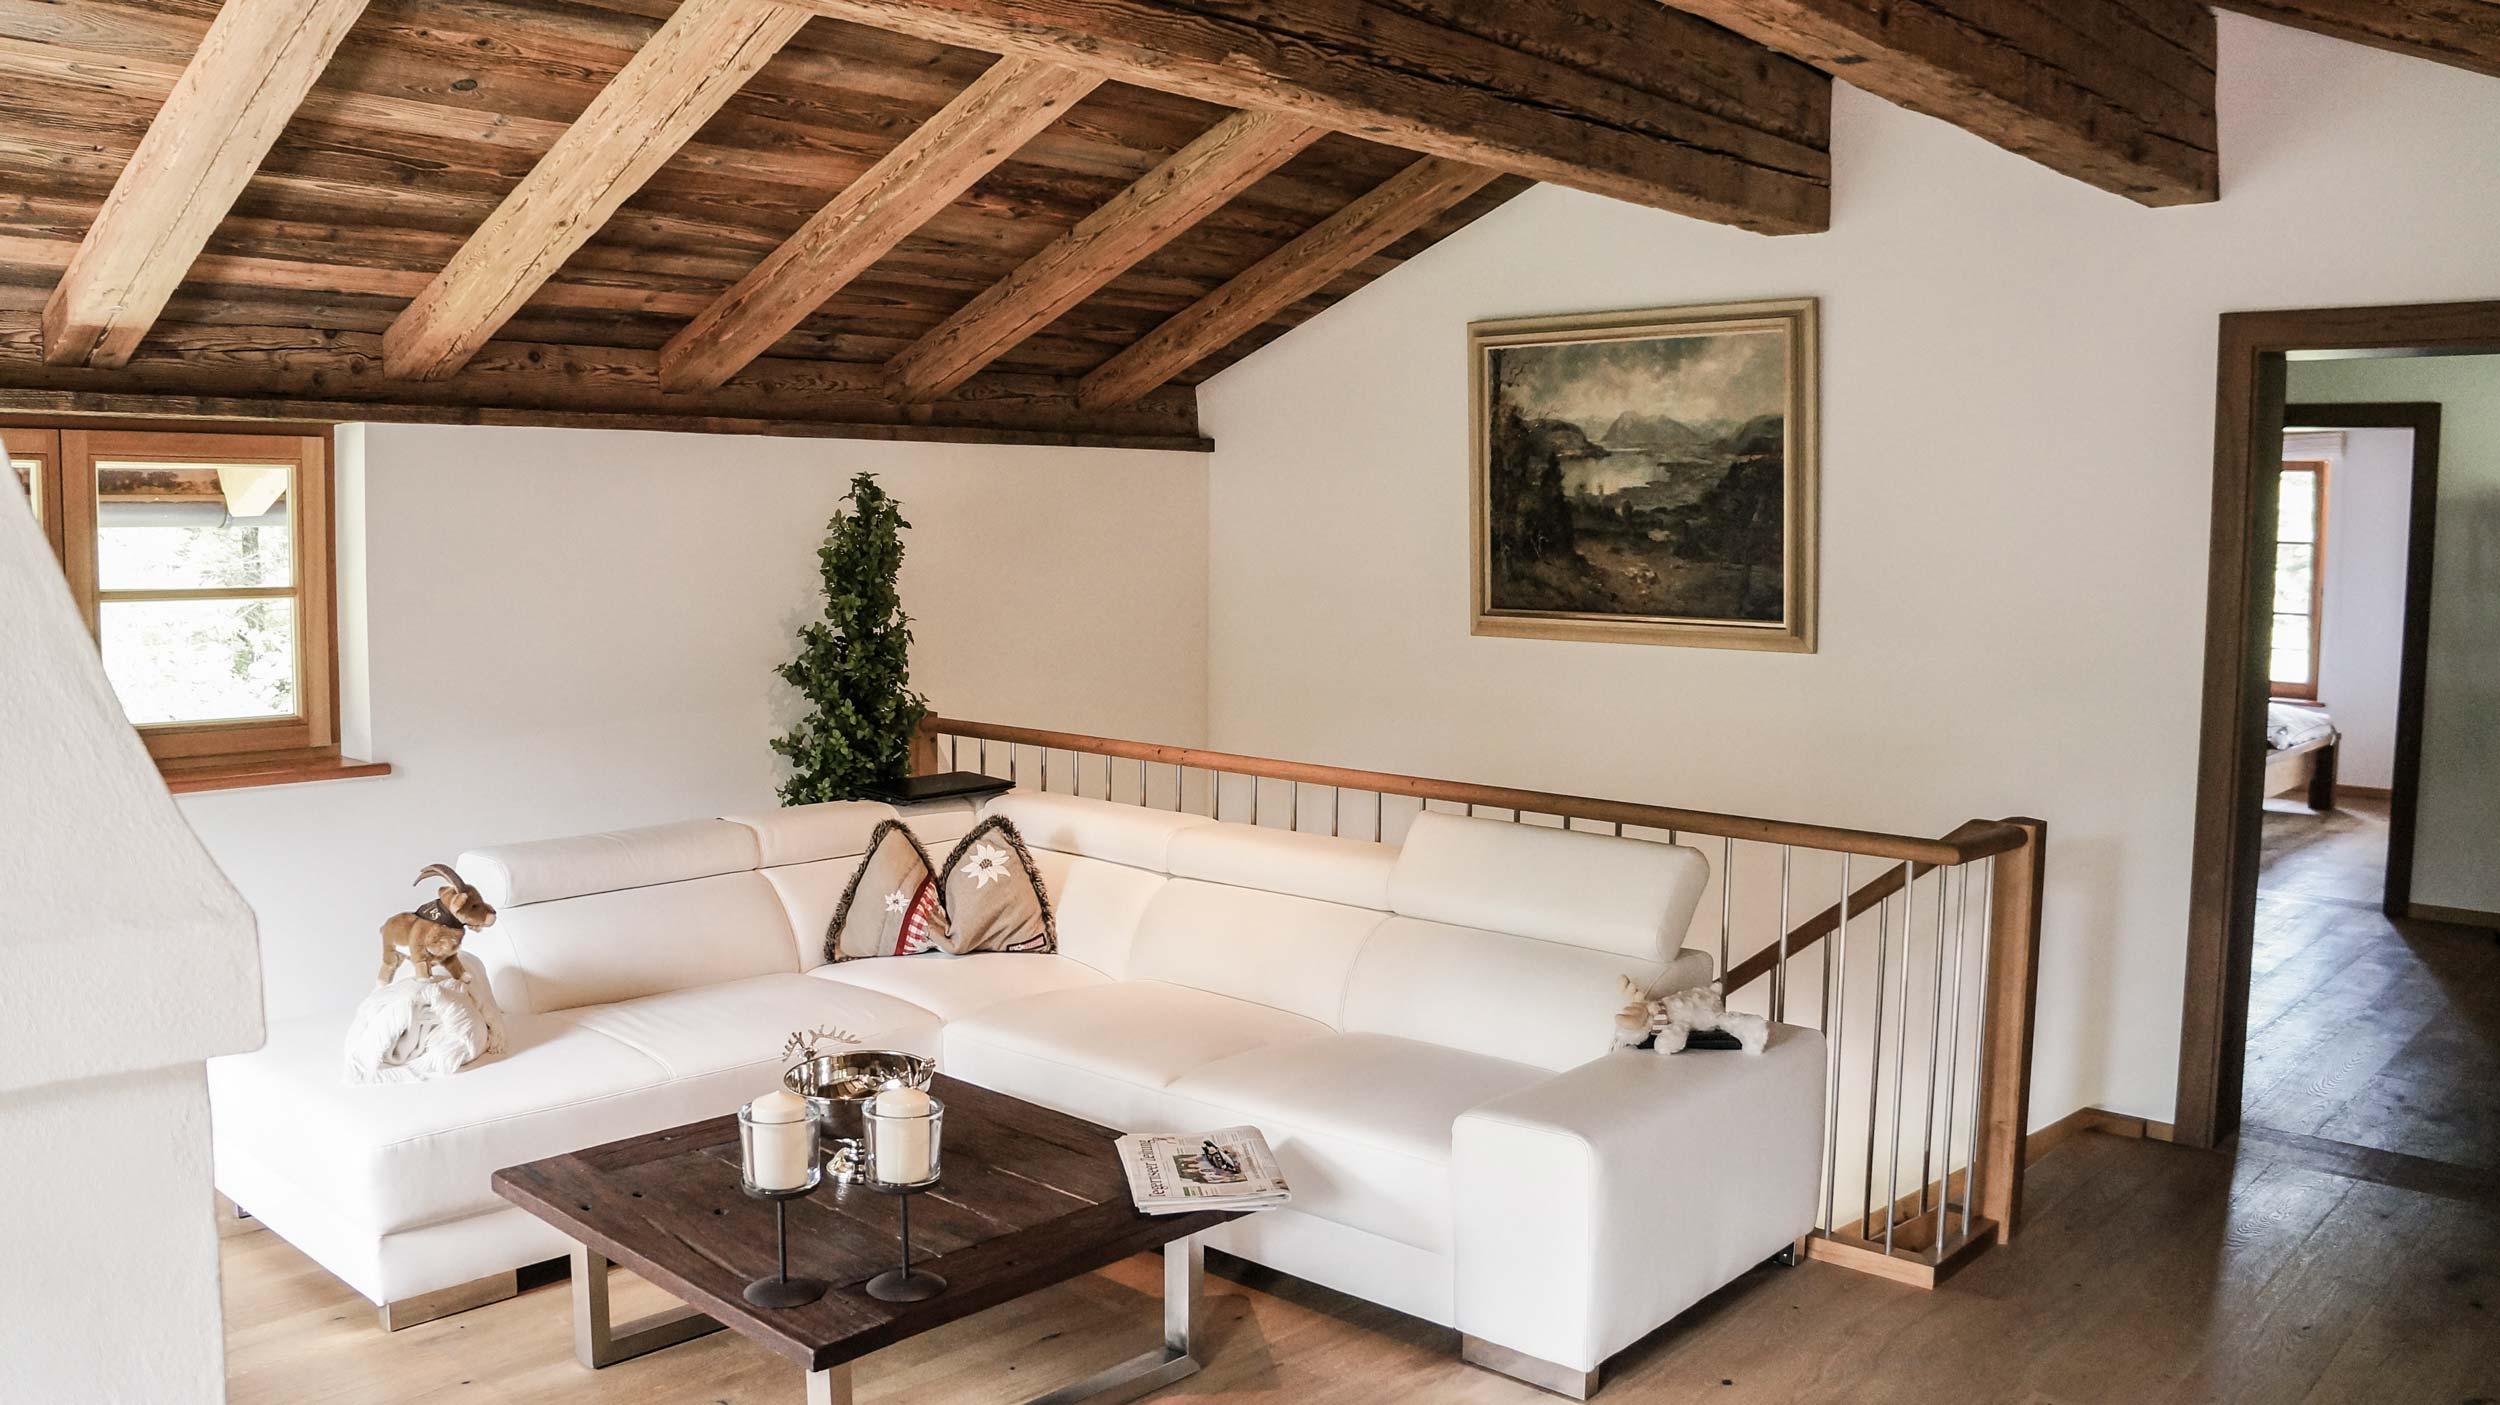 zimmerei-stoib-holzbau-holzhaus-altholz-fenster-blockbau-aussenschalung-tegernsee-einfamilienhaus-05.jpg